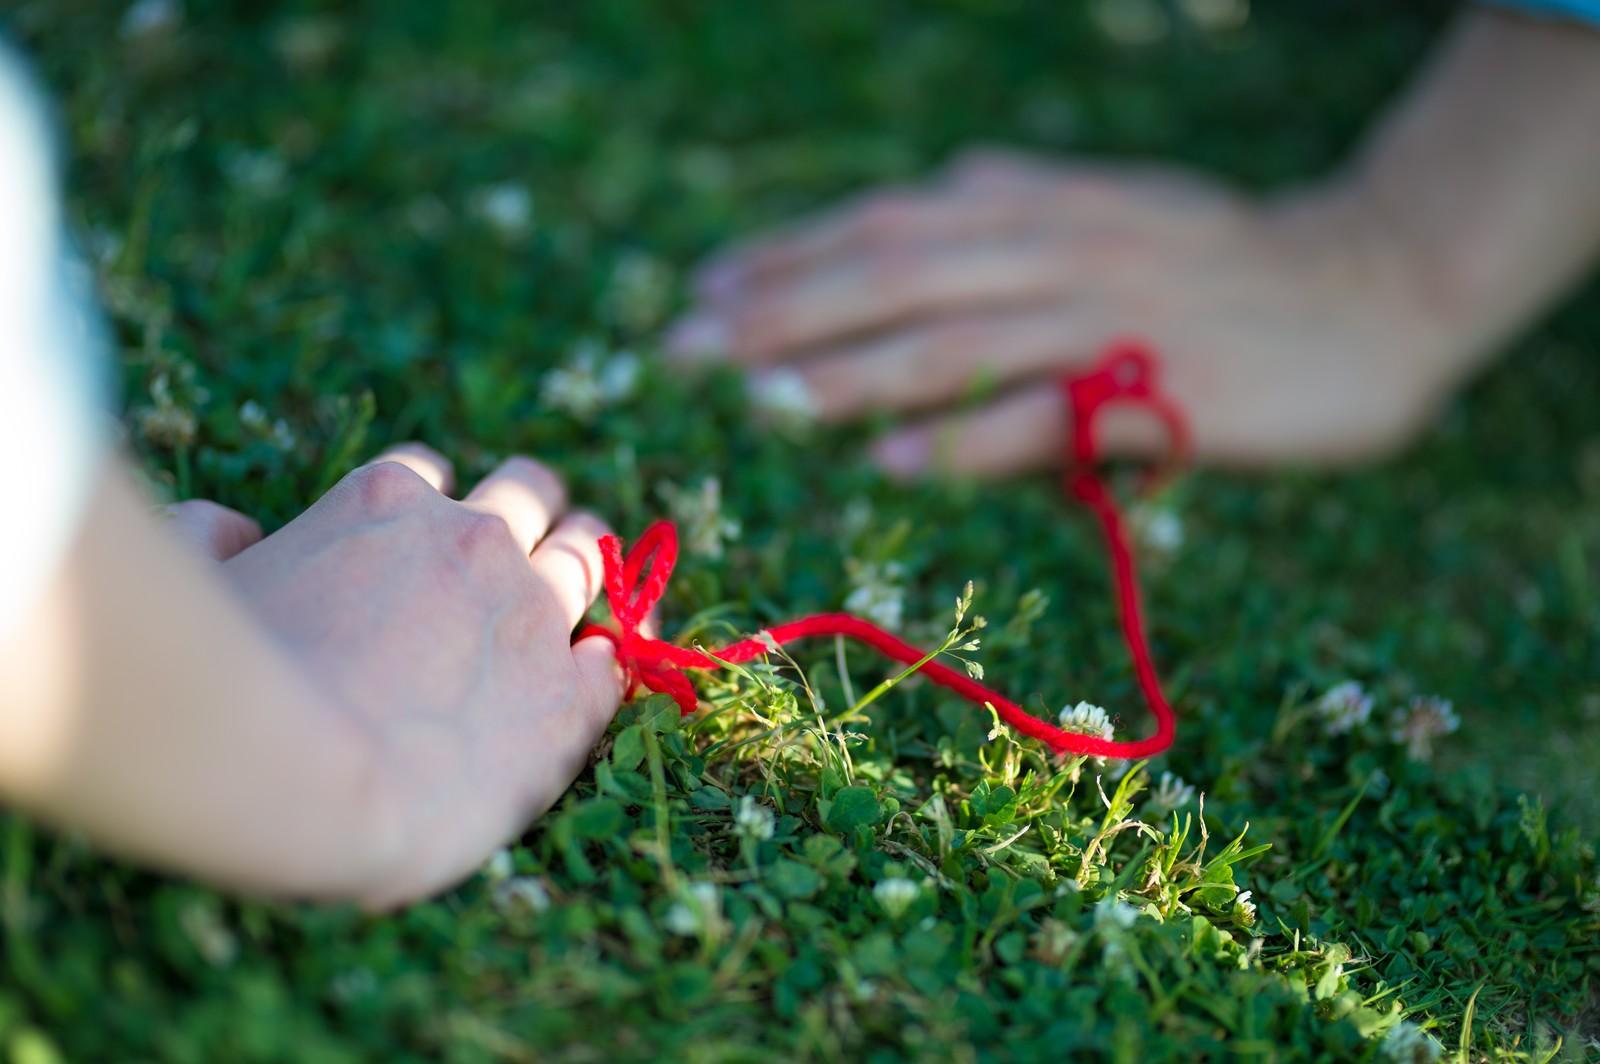 夫婦間のセックスレスを解消するための方法